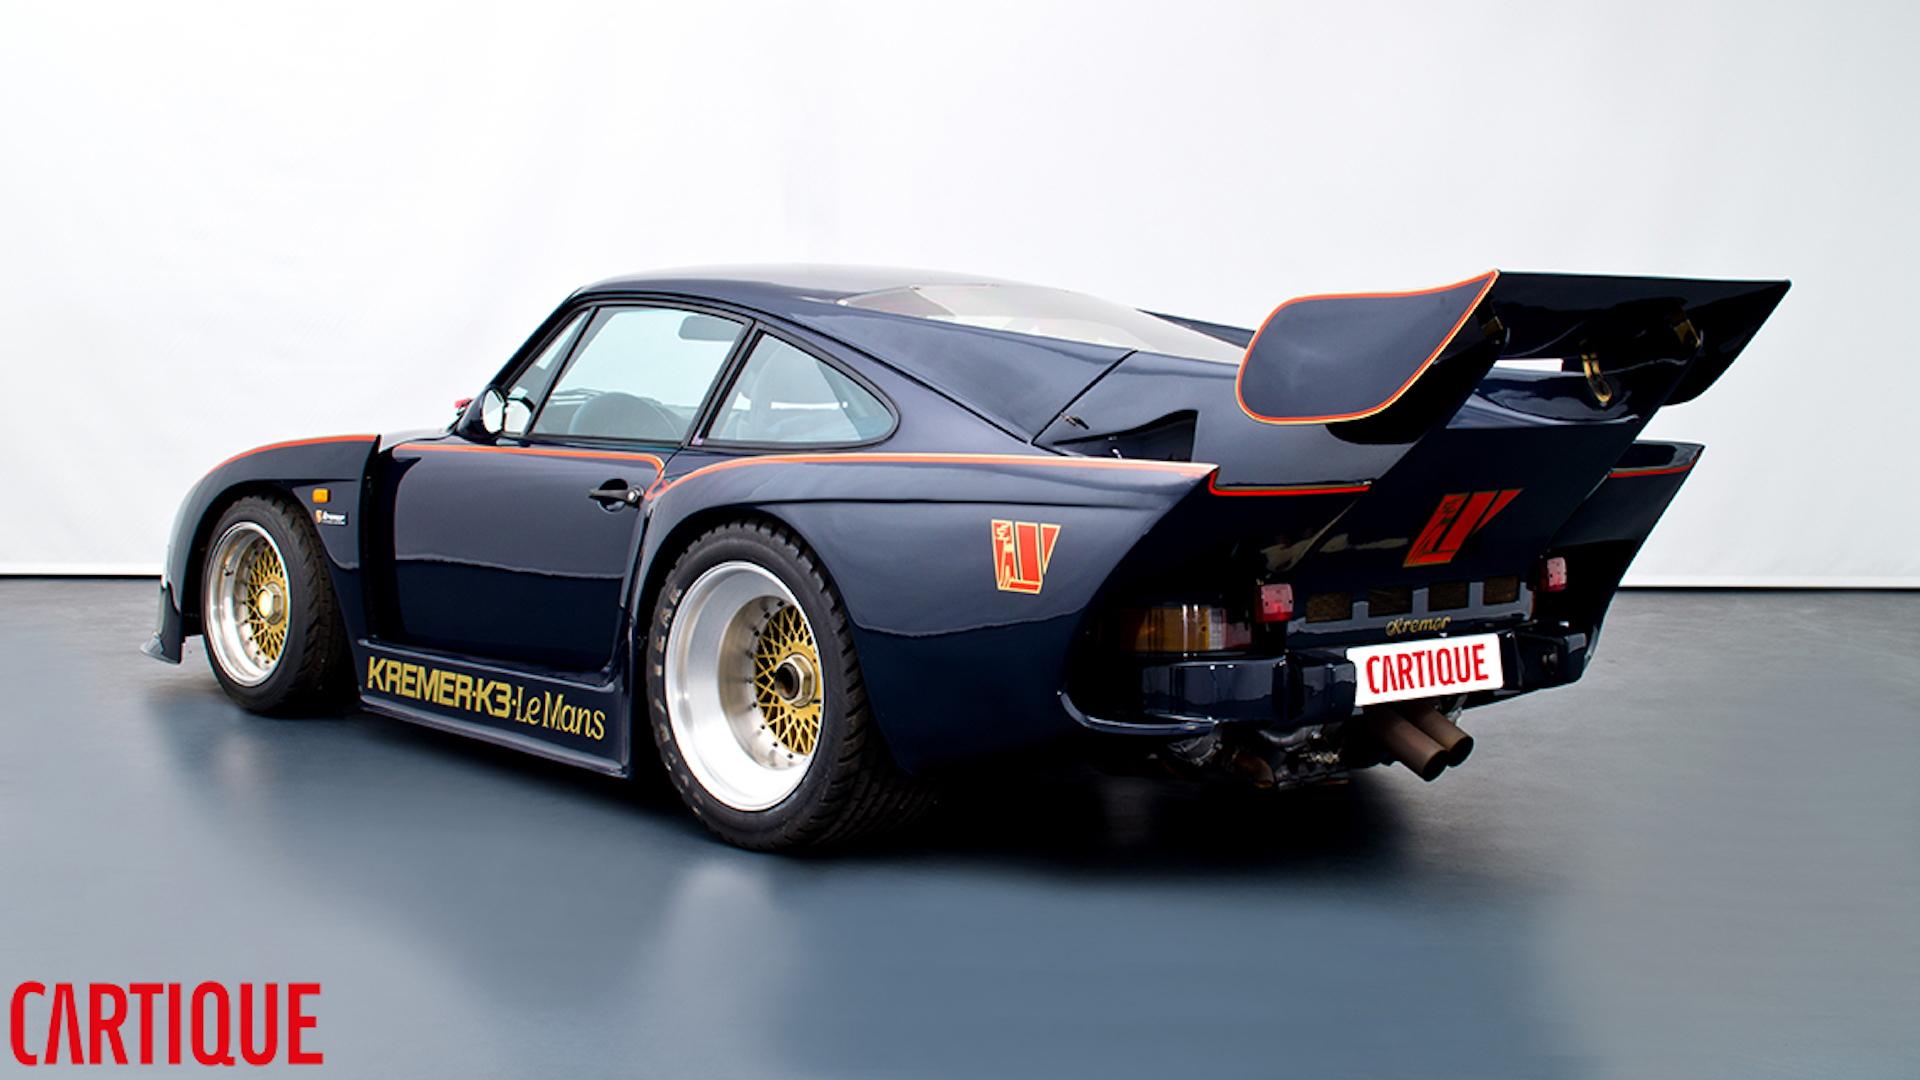 Street-legal Porsche 935